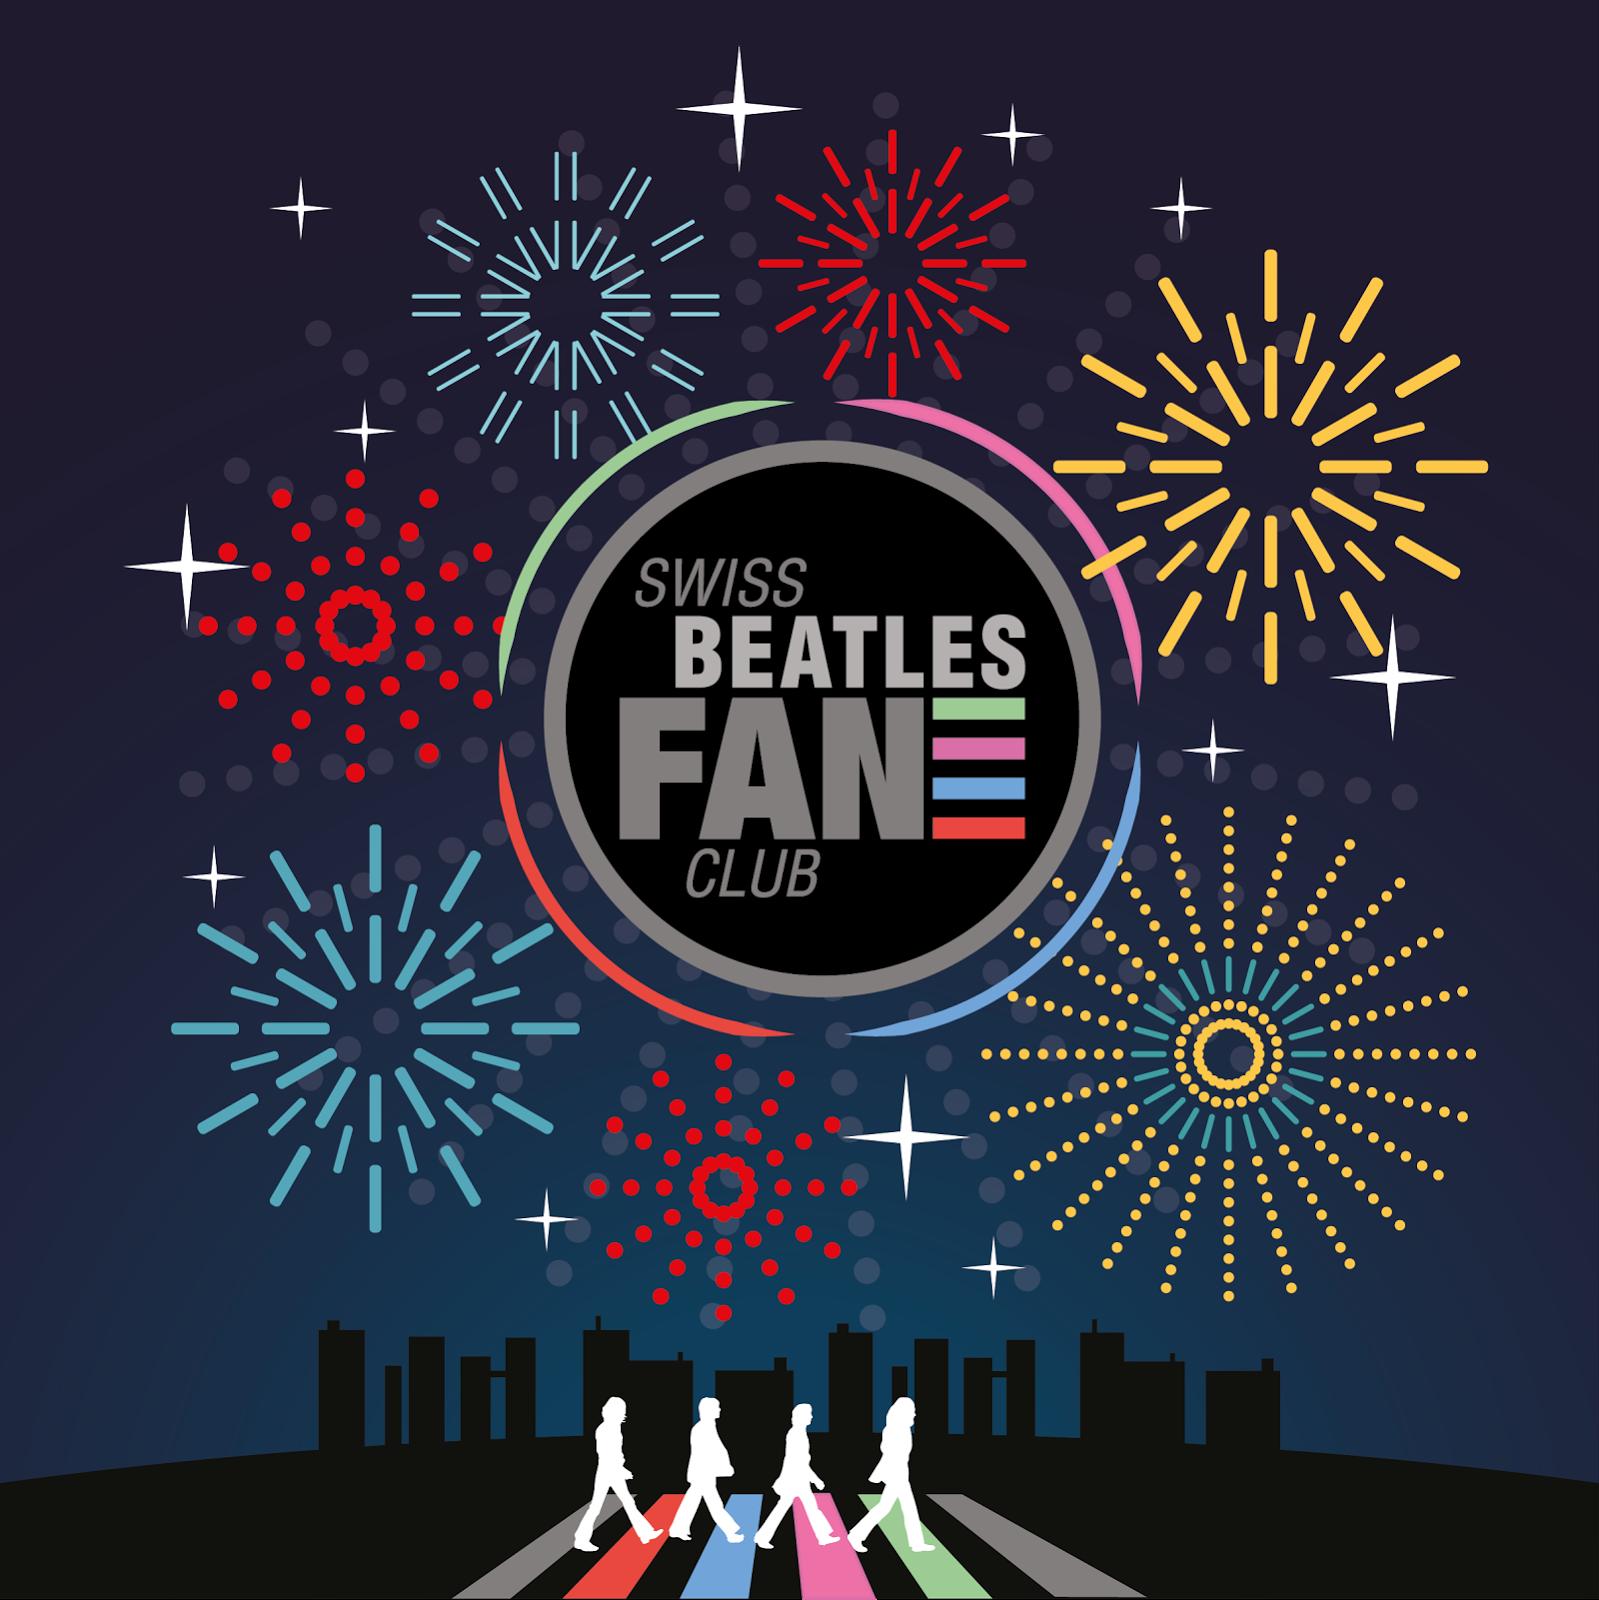 Swiss Beatles Fan Club vous souhaite une bonne année 2018